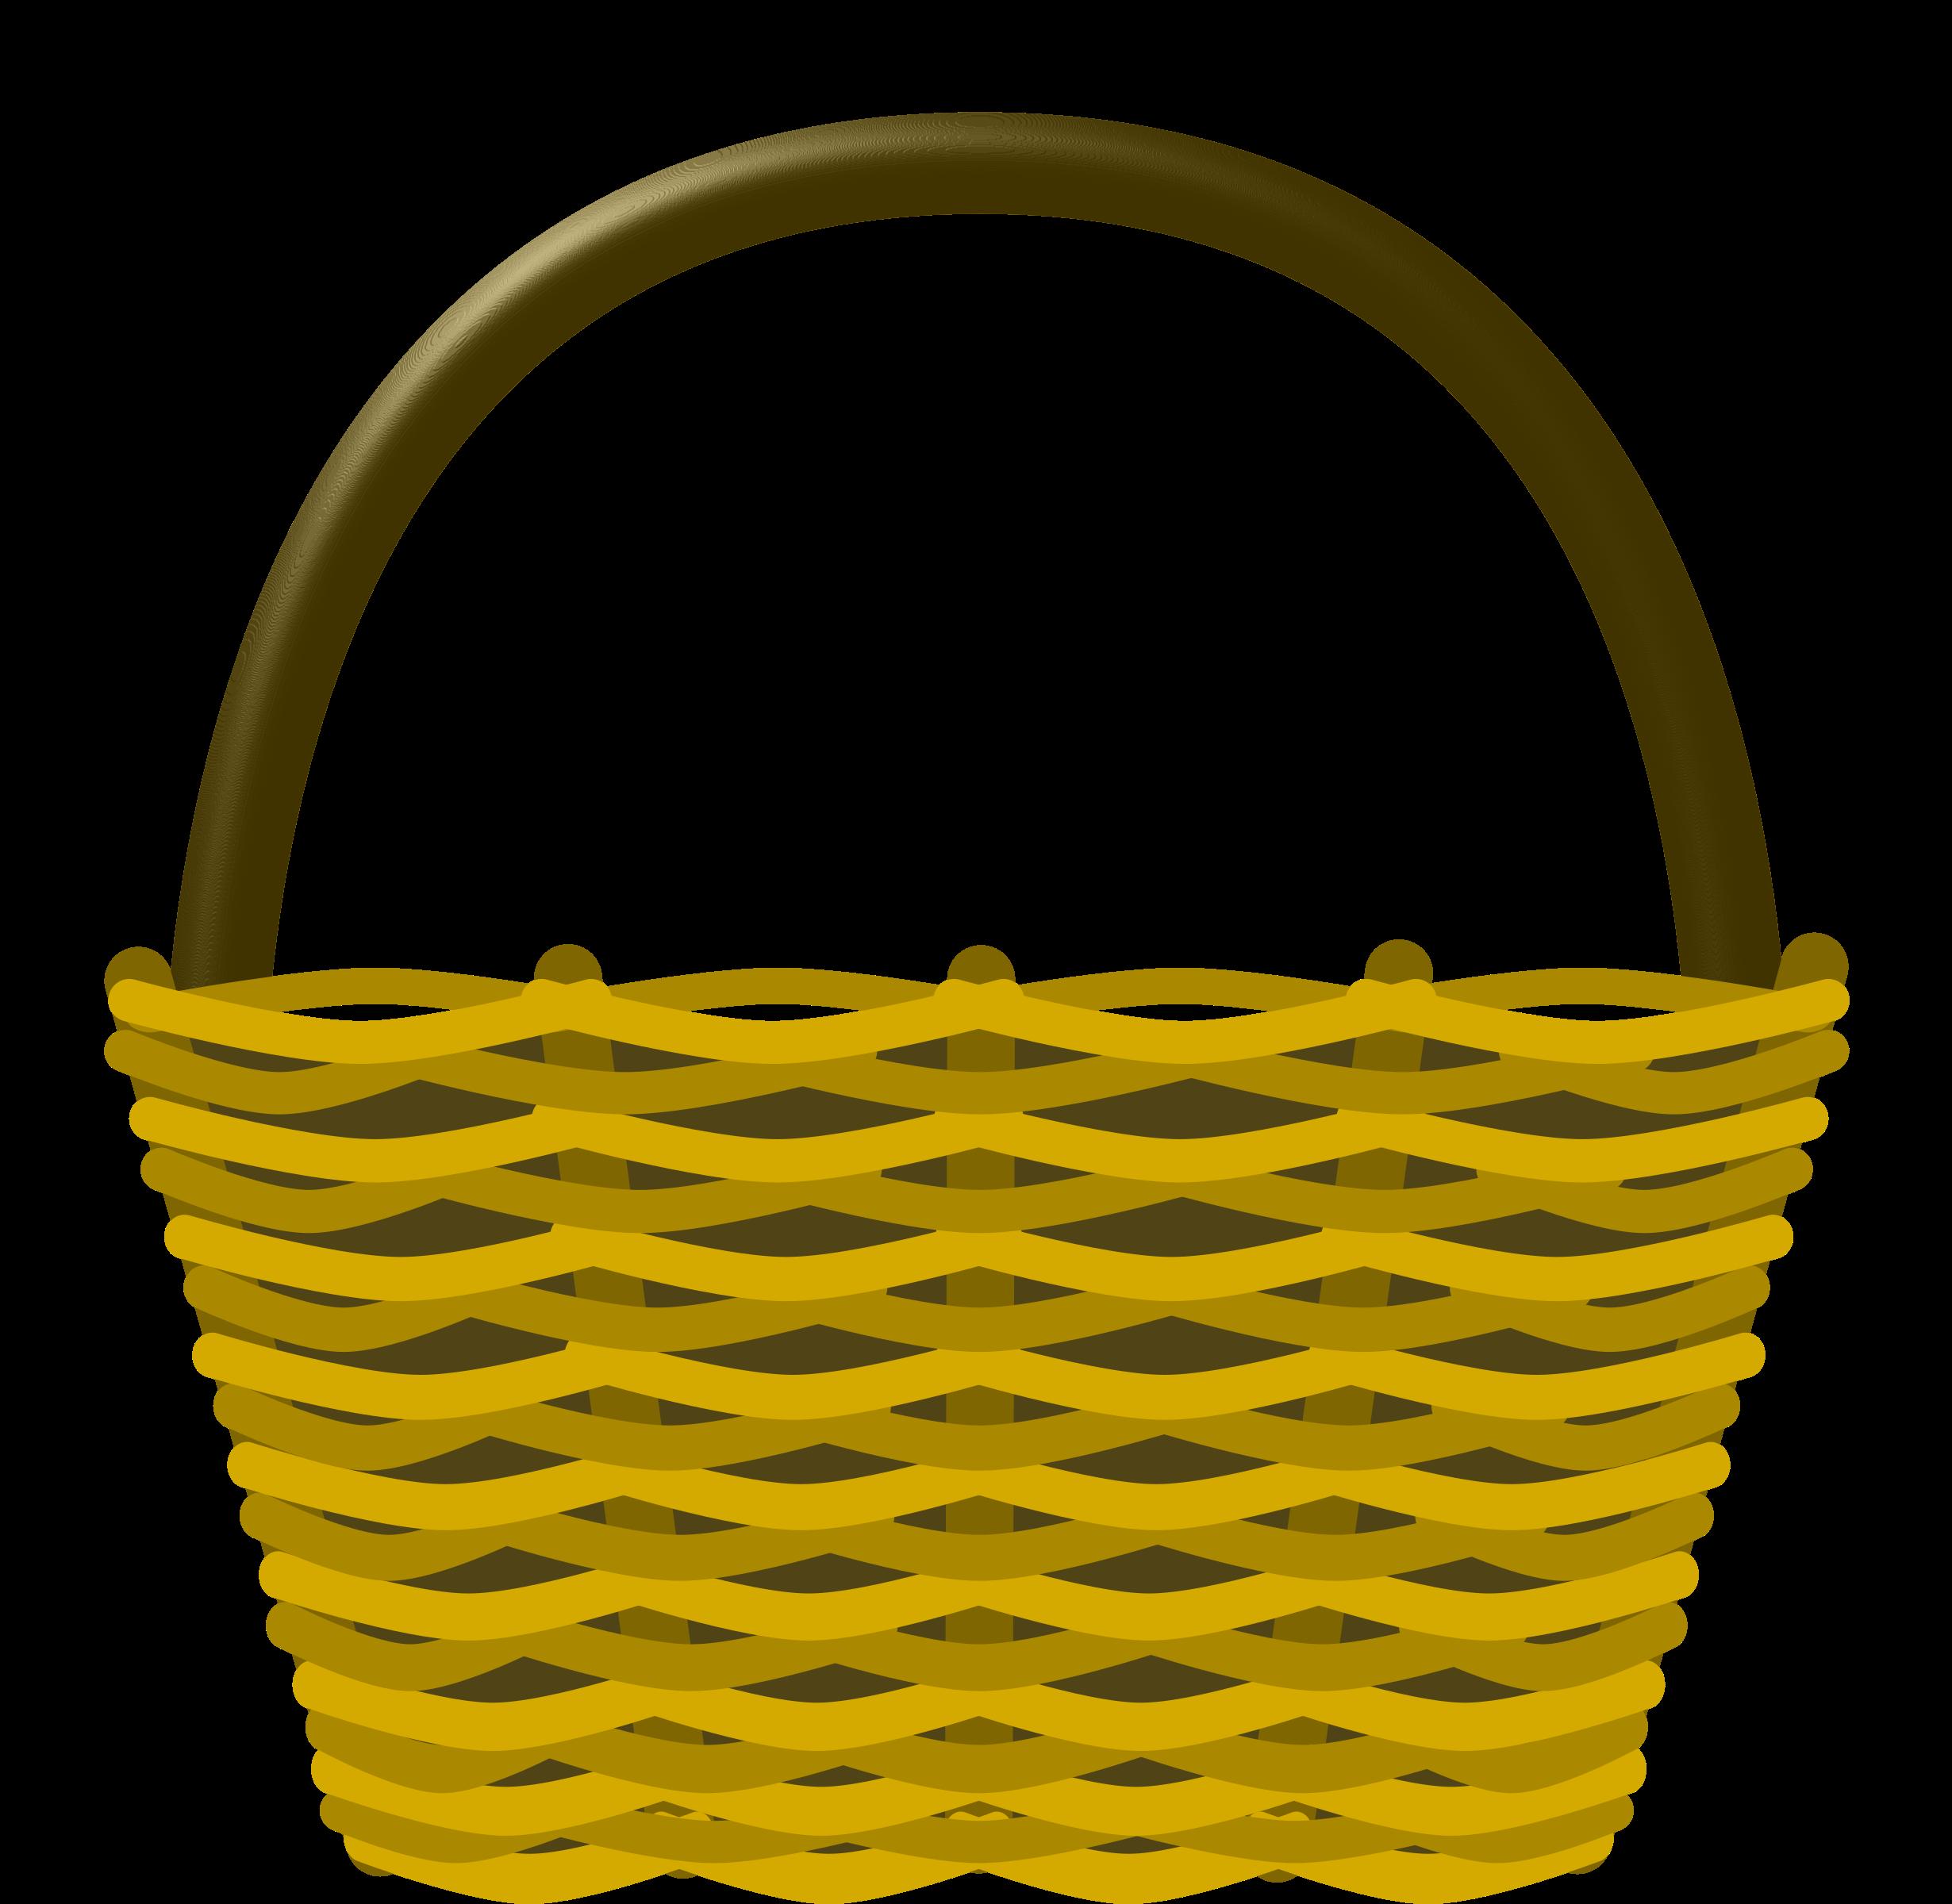 2460x2400 Clipart Empty Apple Basket Clipartfest